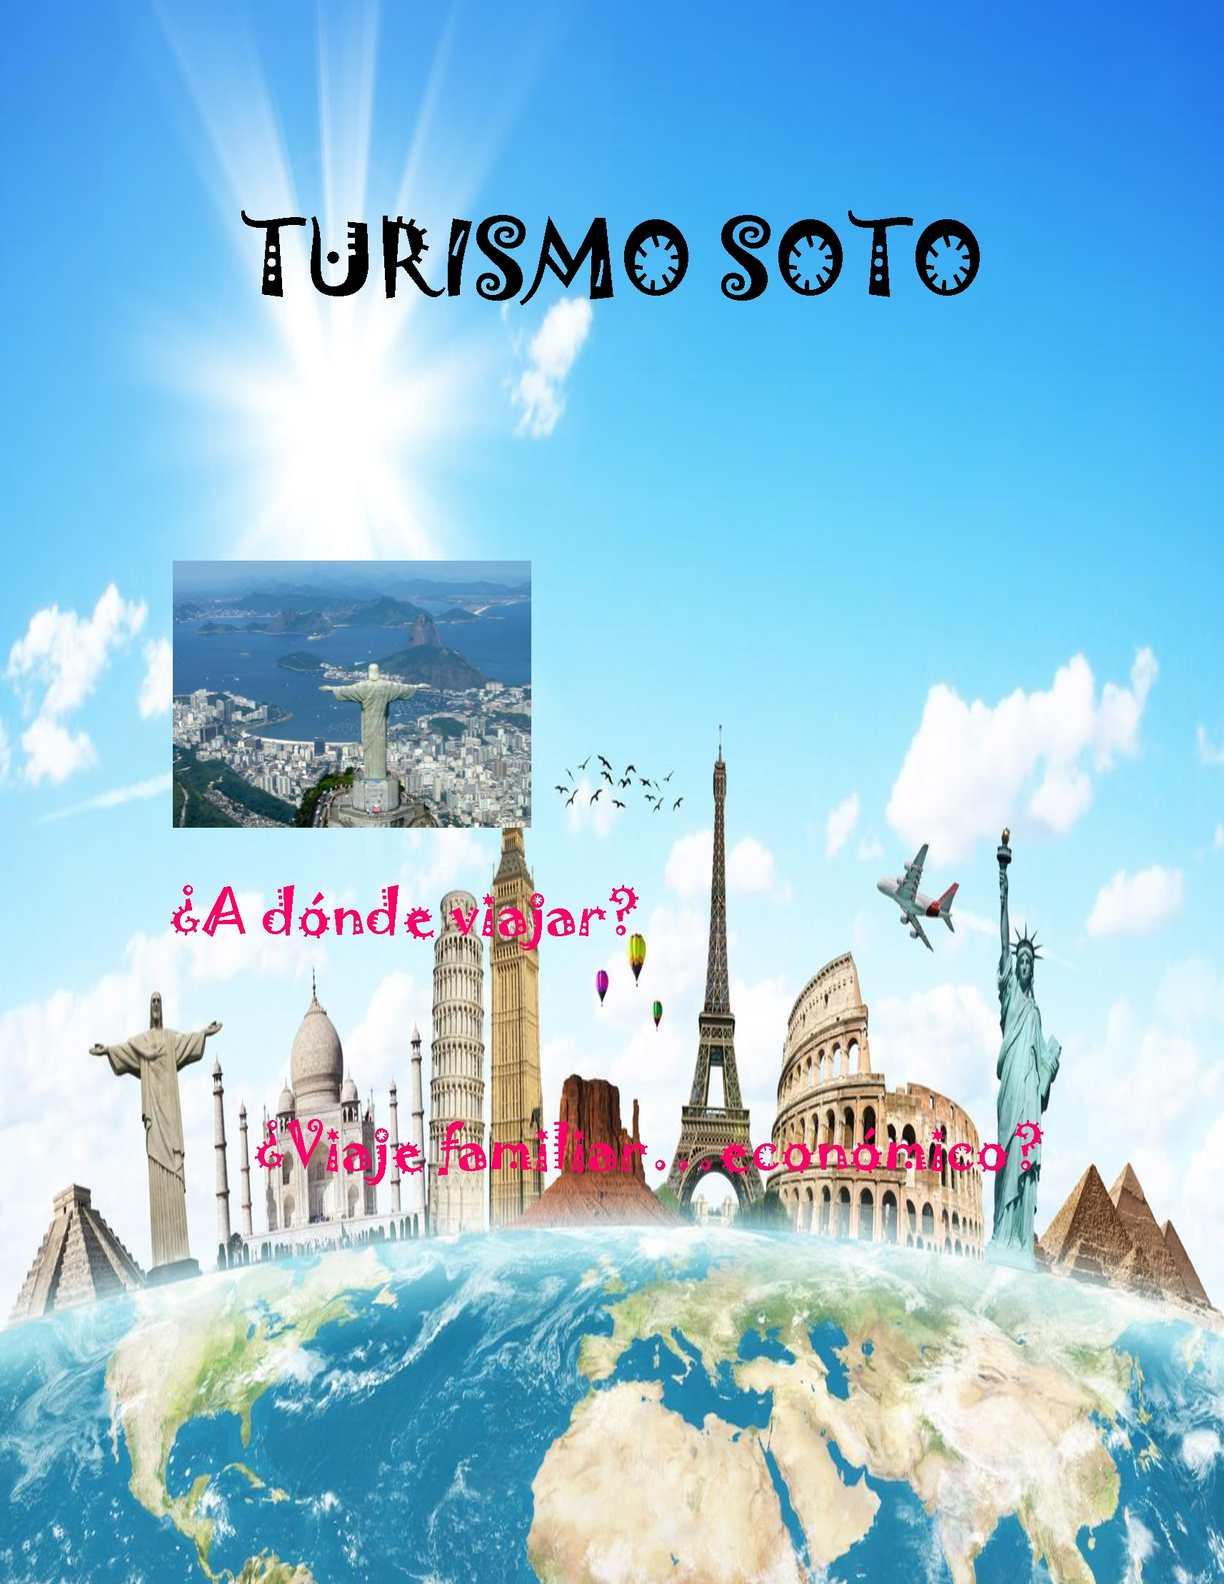 Turismo.